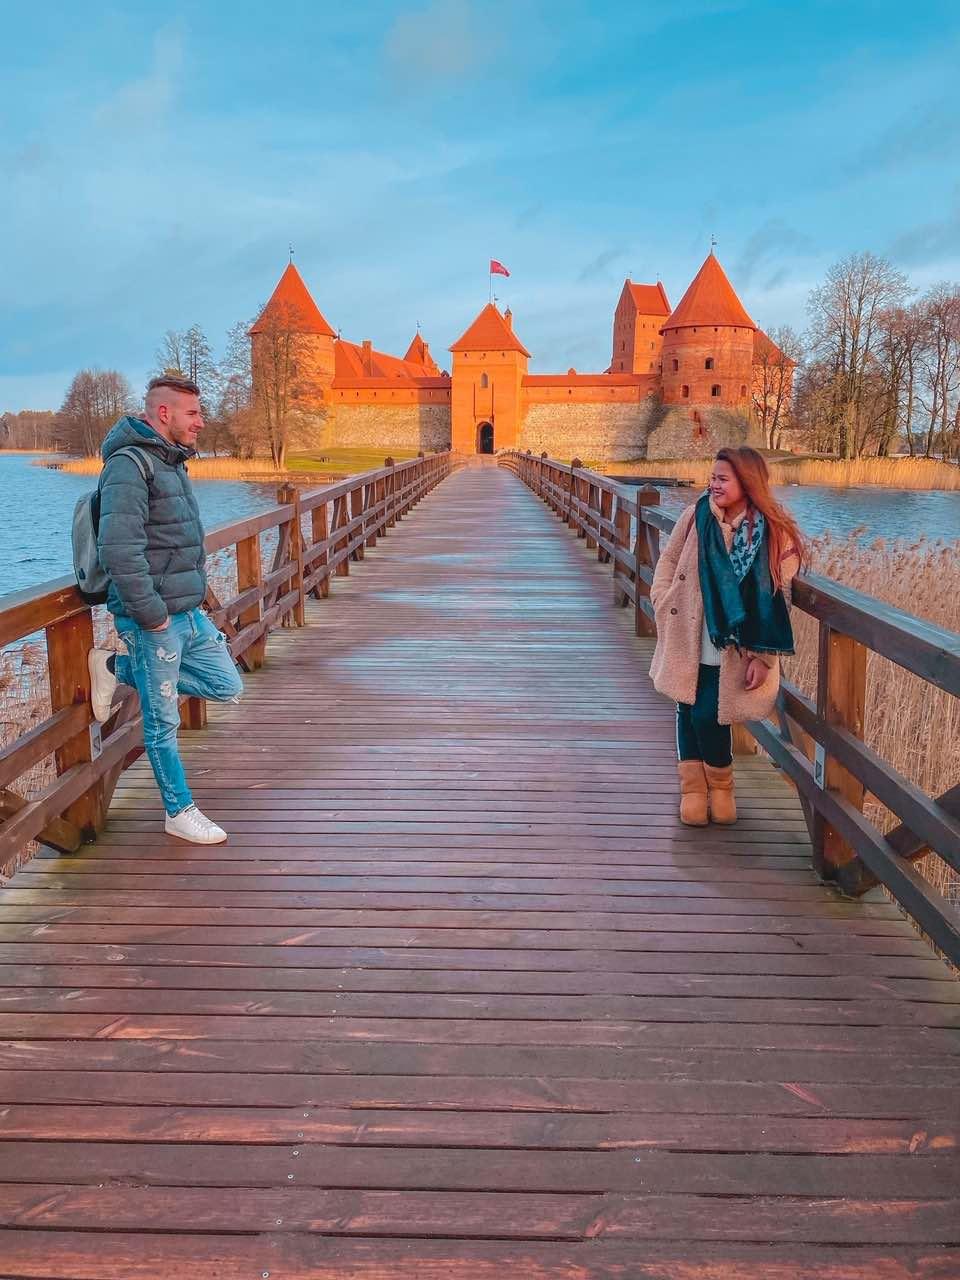 coppia di ragazzi sorridono sul ponte del castello di Trakai in Lituania